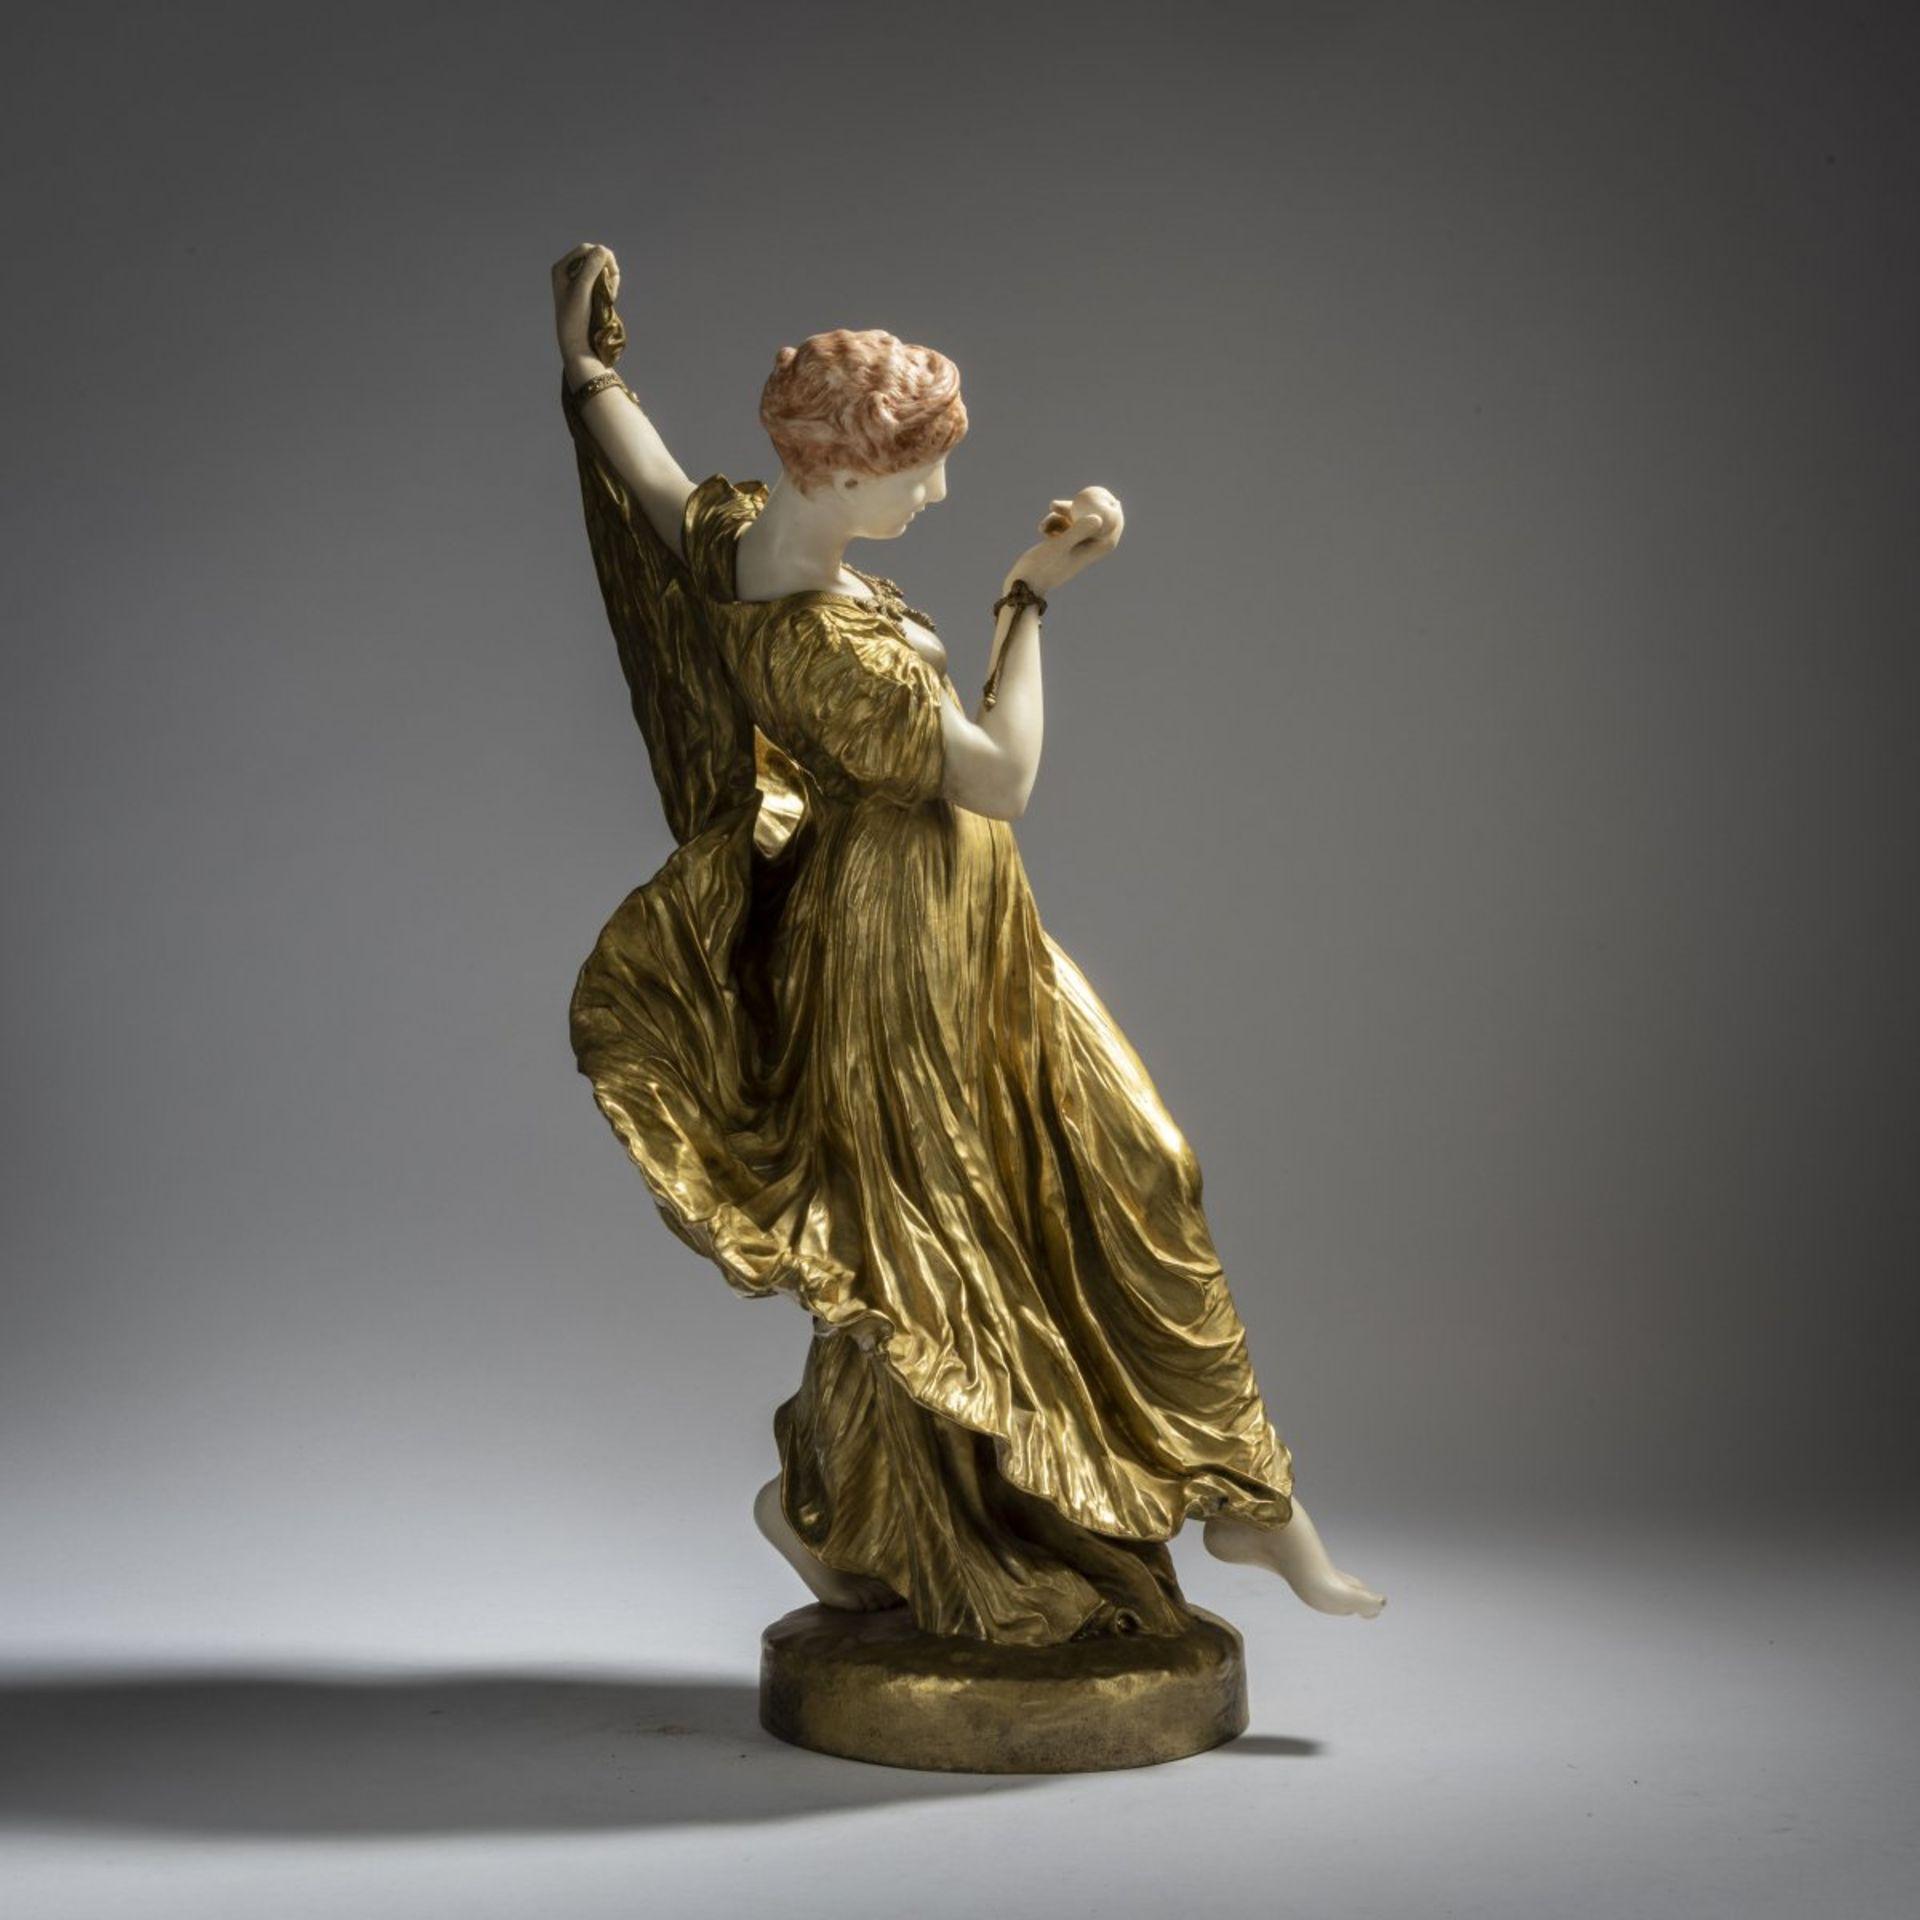 Jean-Léon Gérôme, 'La danseuse à la pomme', 1890 - Bild 3 aus 8